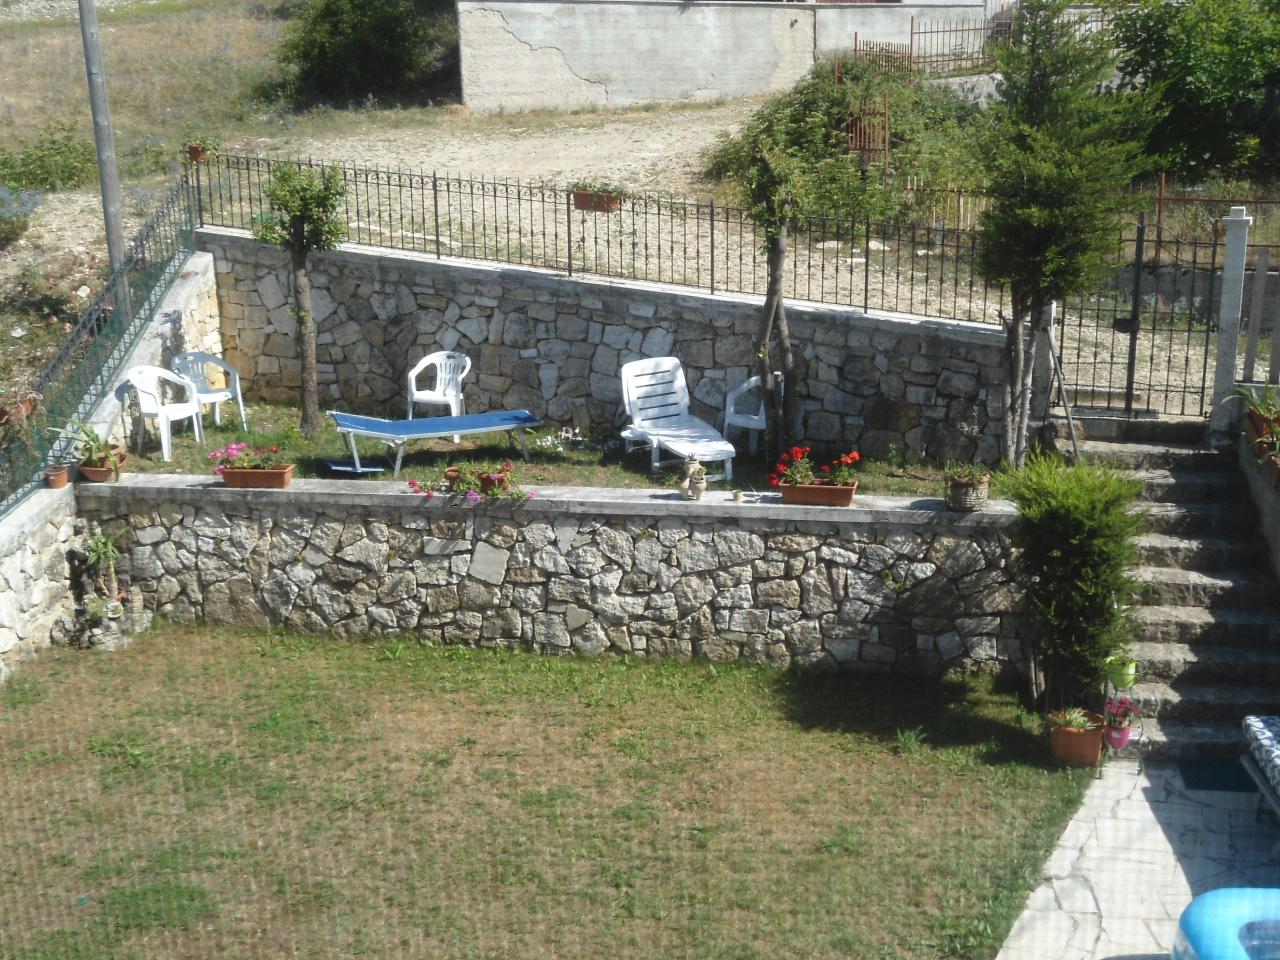 Villa Bifamiliare in vendita a Valle Castellana, 9999 locali, zona Località: SanGiacomo, prezzo € 90.000 | Cambio Casa.it